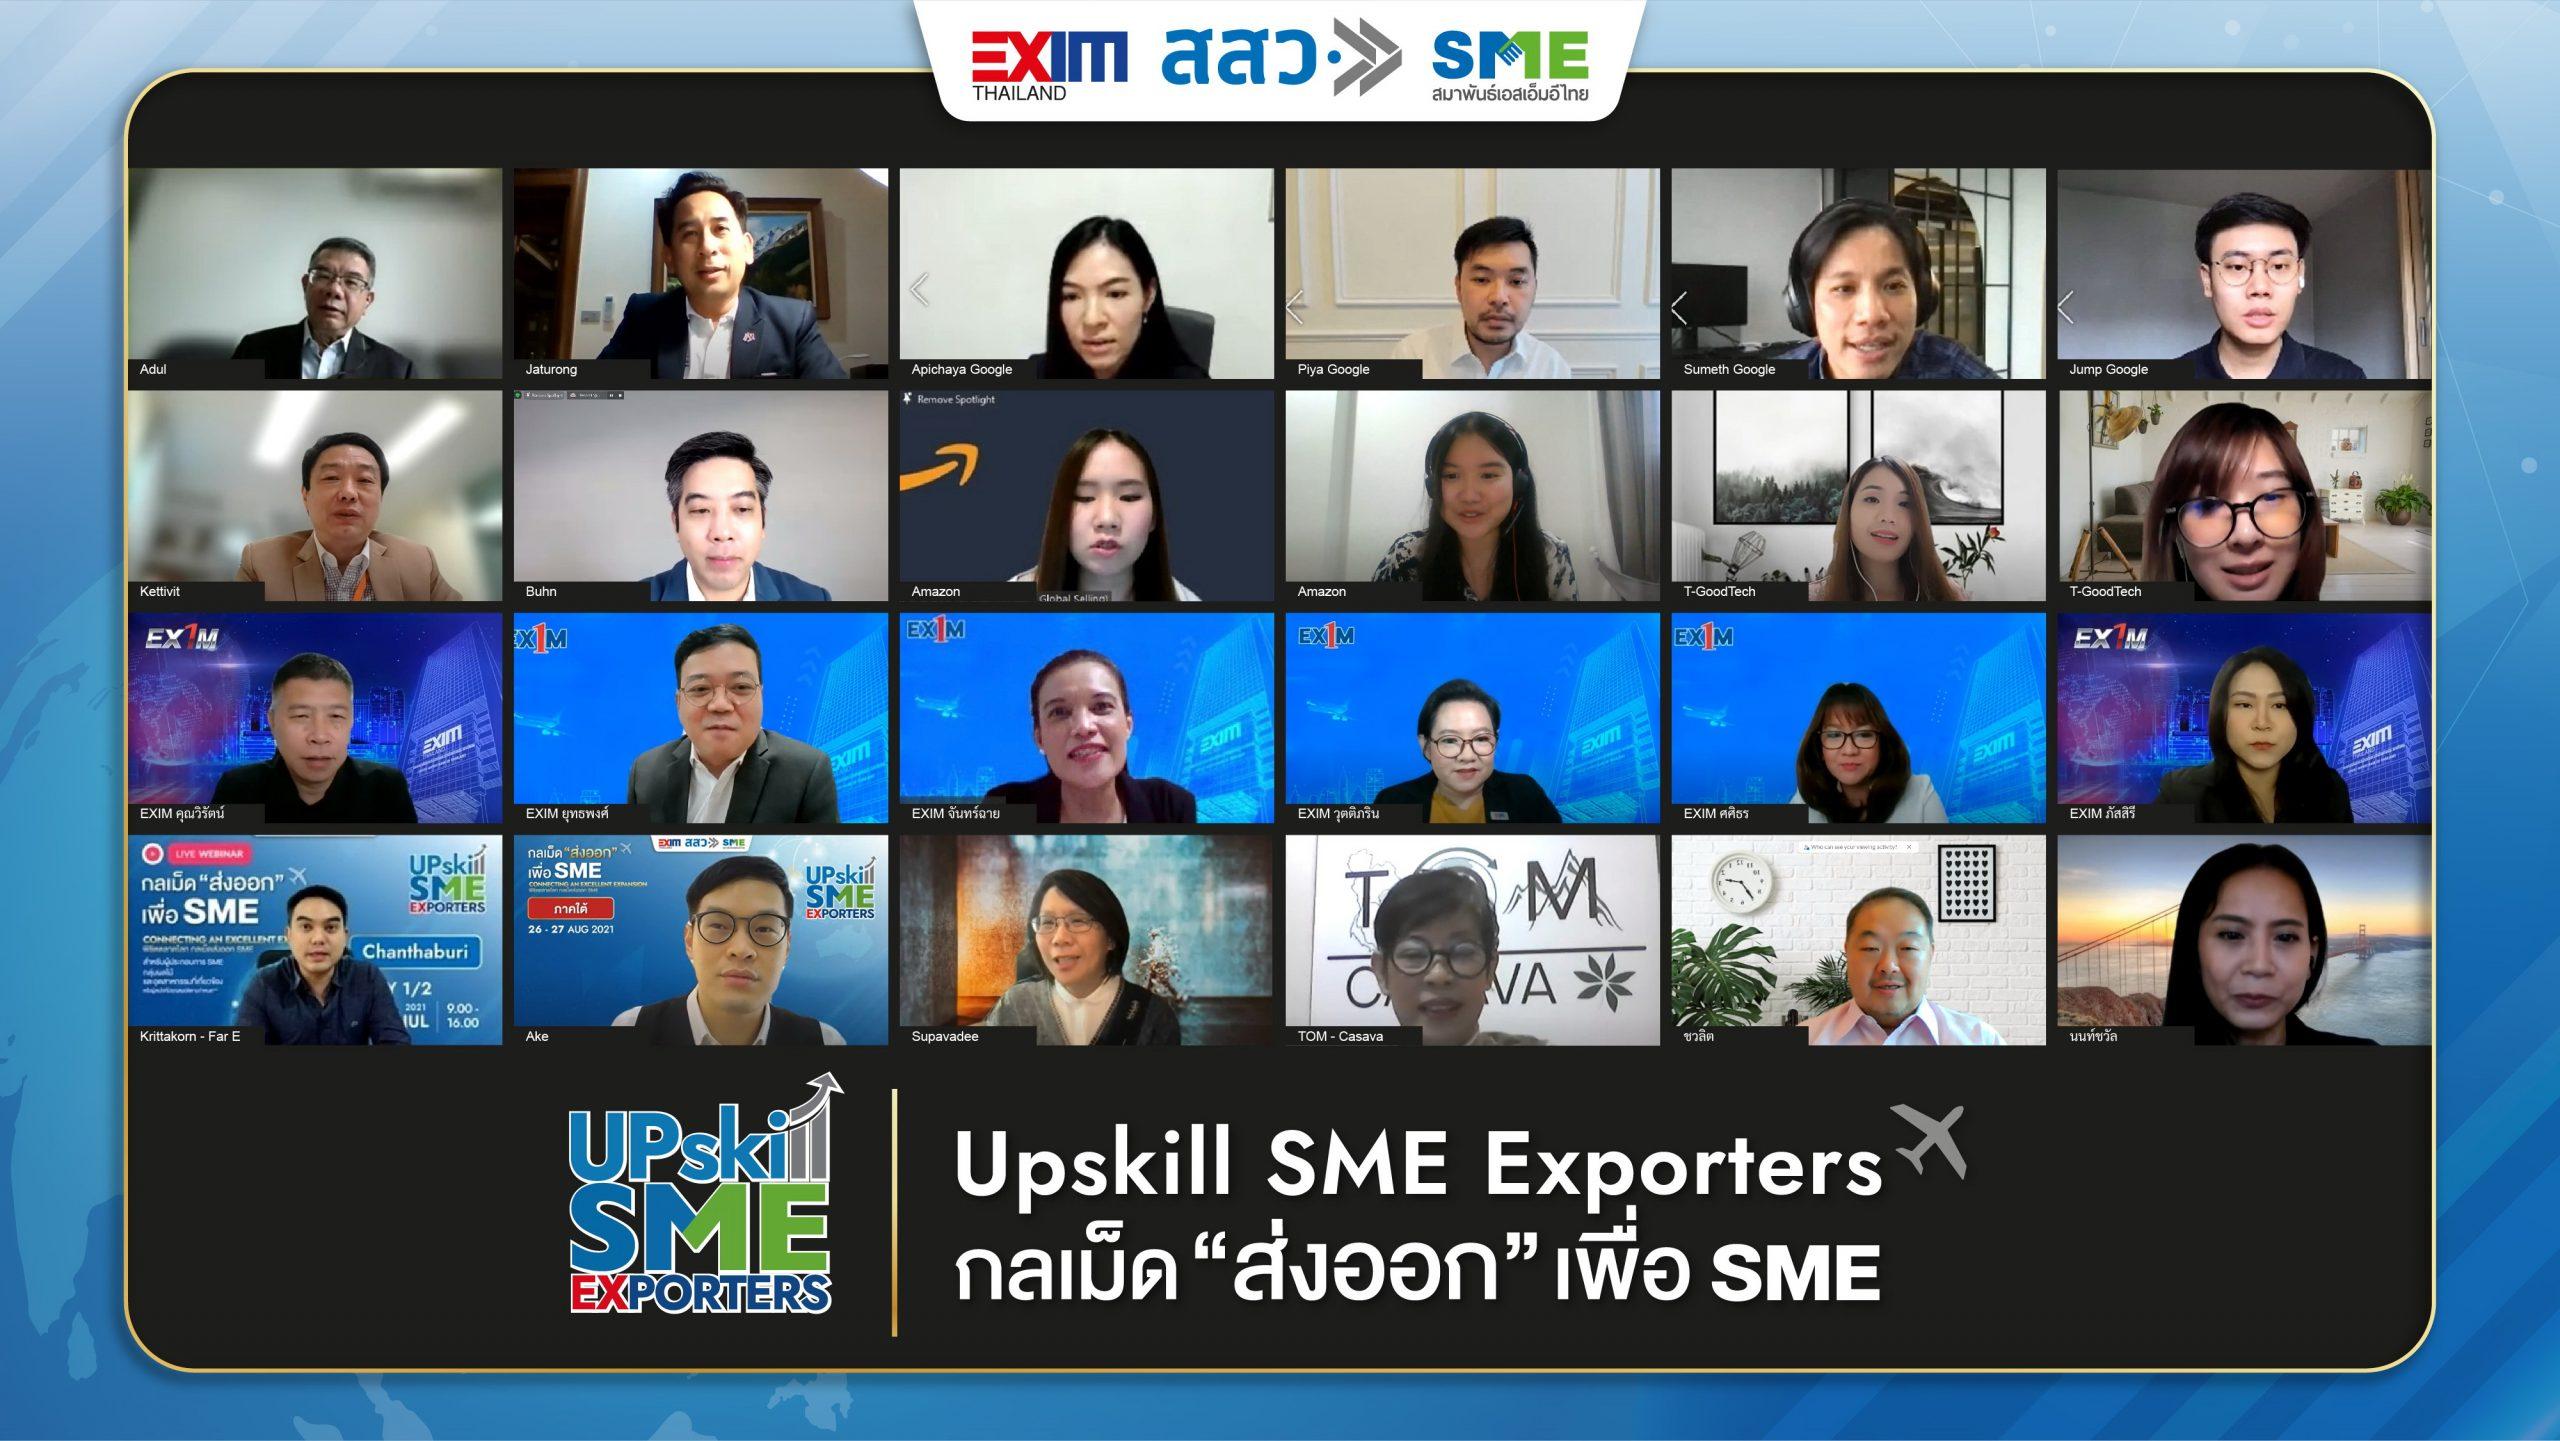 SME Upskill SME Exporters การส่งออก ธนาคารเพื่อการส่งออกและนำเข้าแห่งประเทศไทย สสว. สำนักงานส่งเสริมวิสาหกิจขนาดกลางและขนาดย่อม เอ็กซิม แบงก์